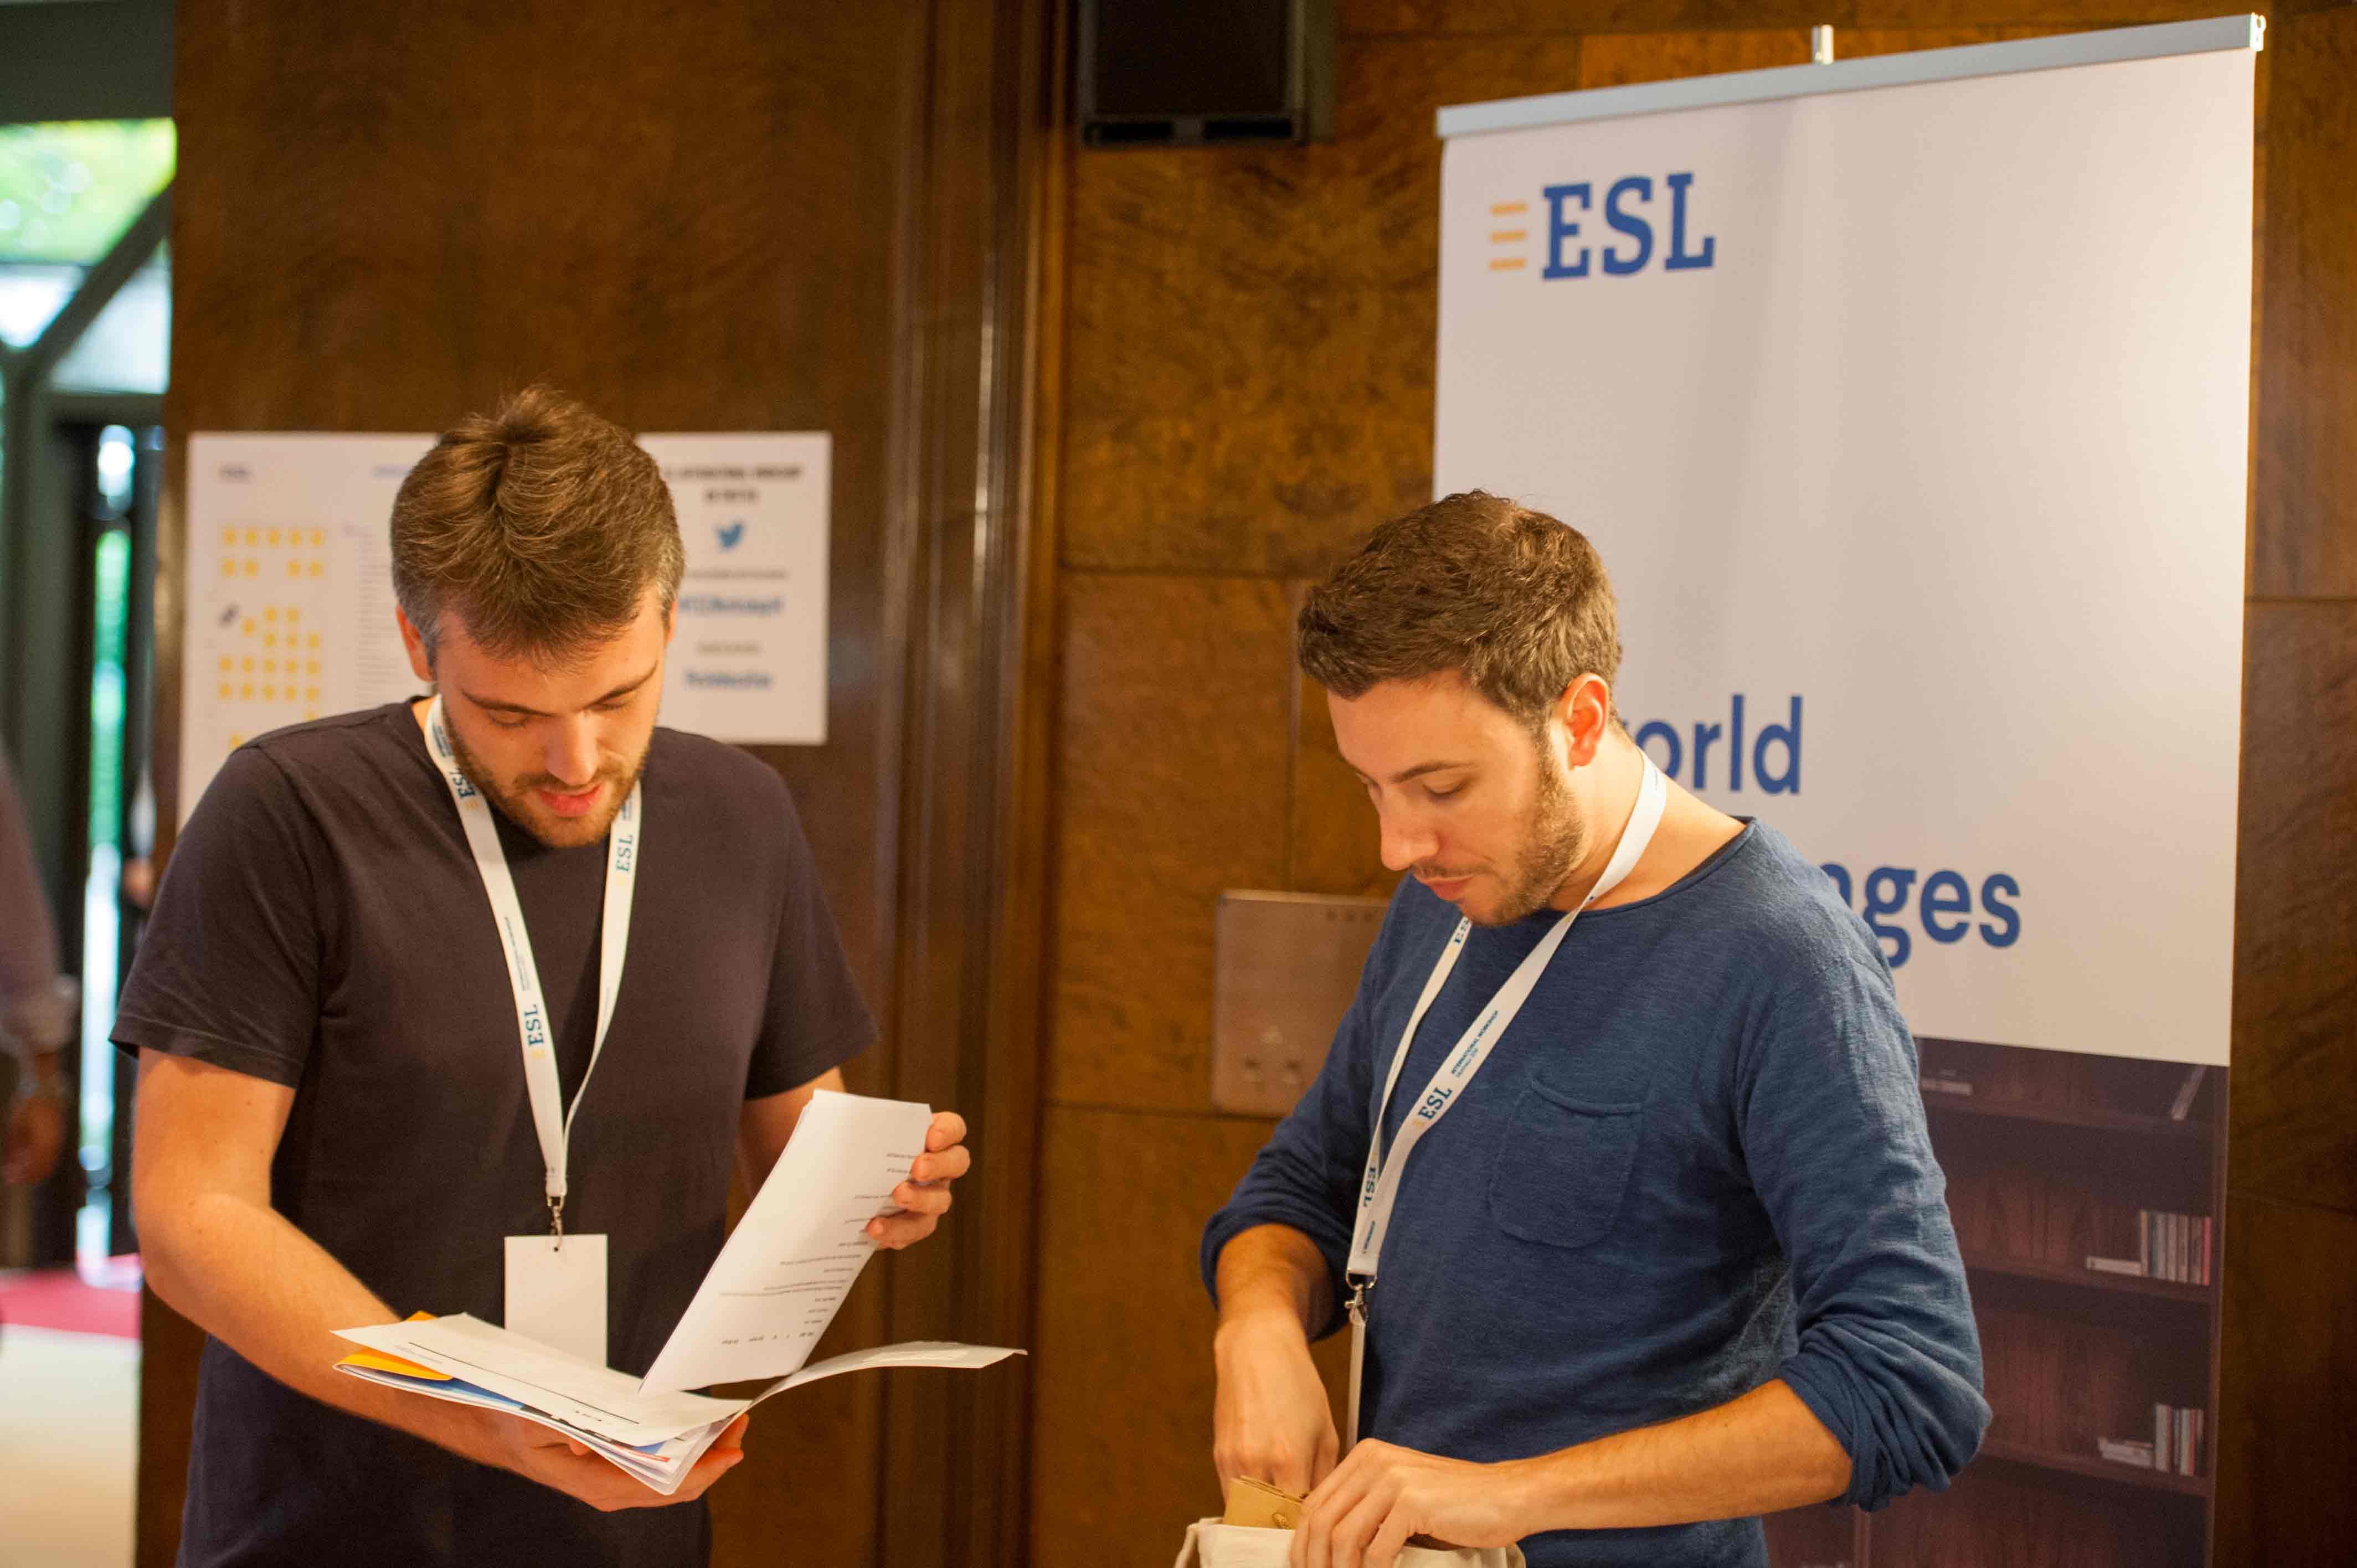 22 workshop esl soggiorni linguistici for Esl soggiorni linguistici